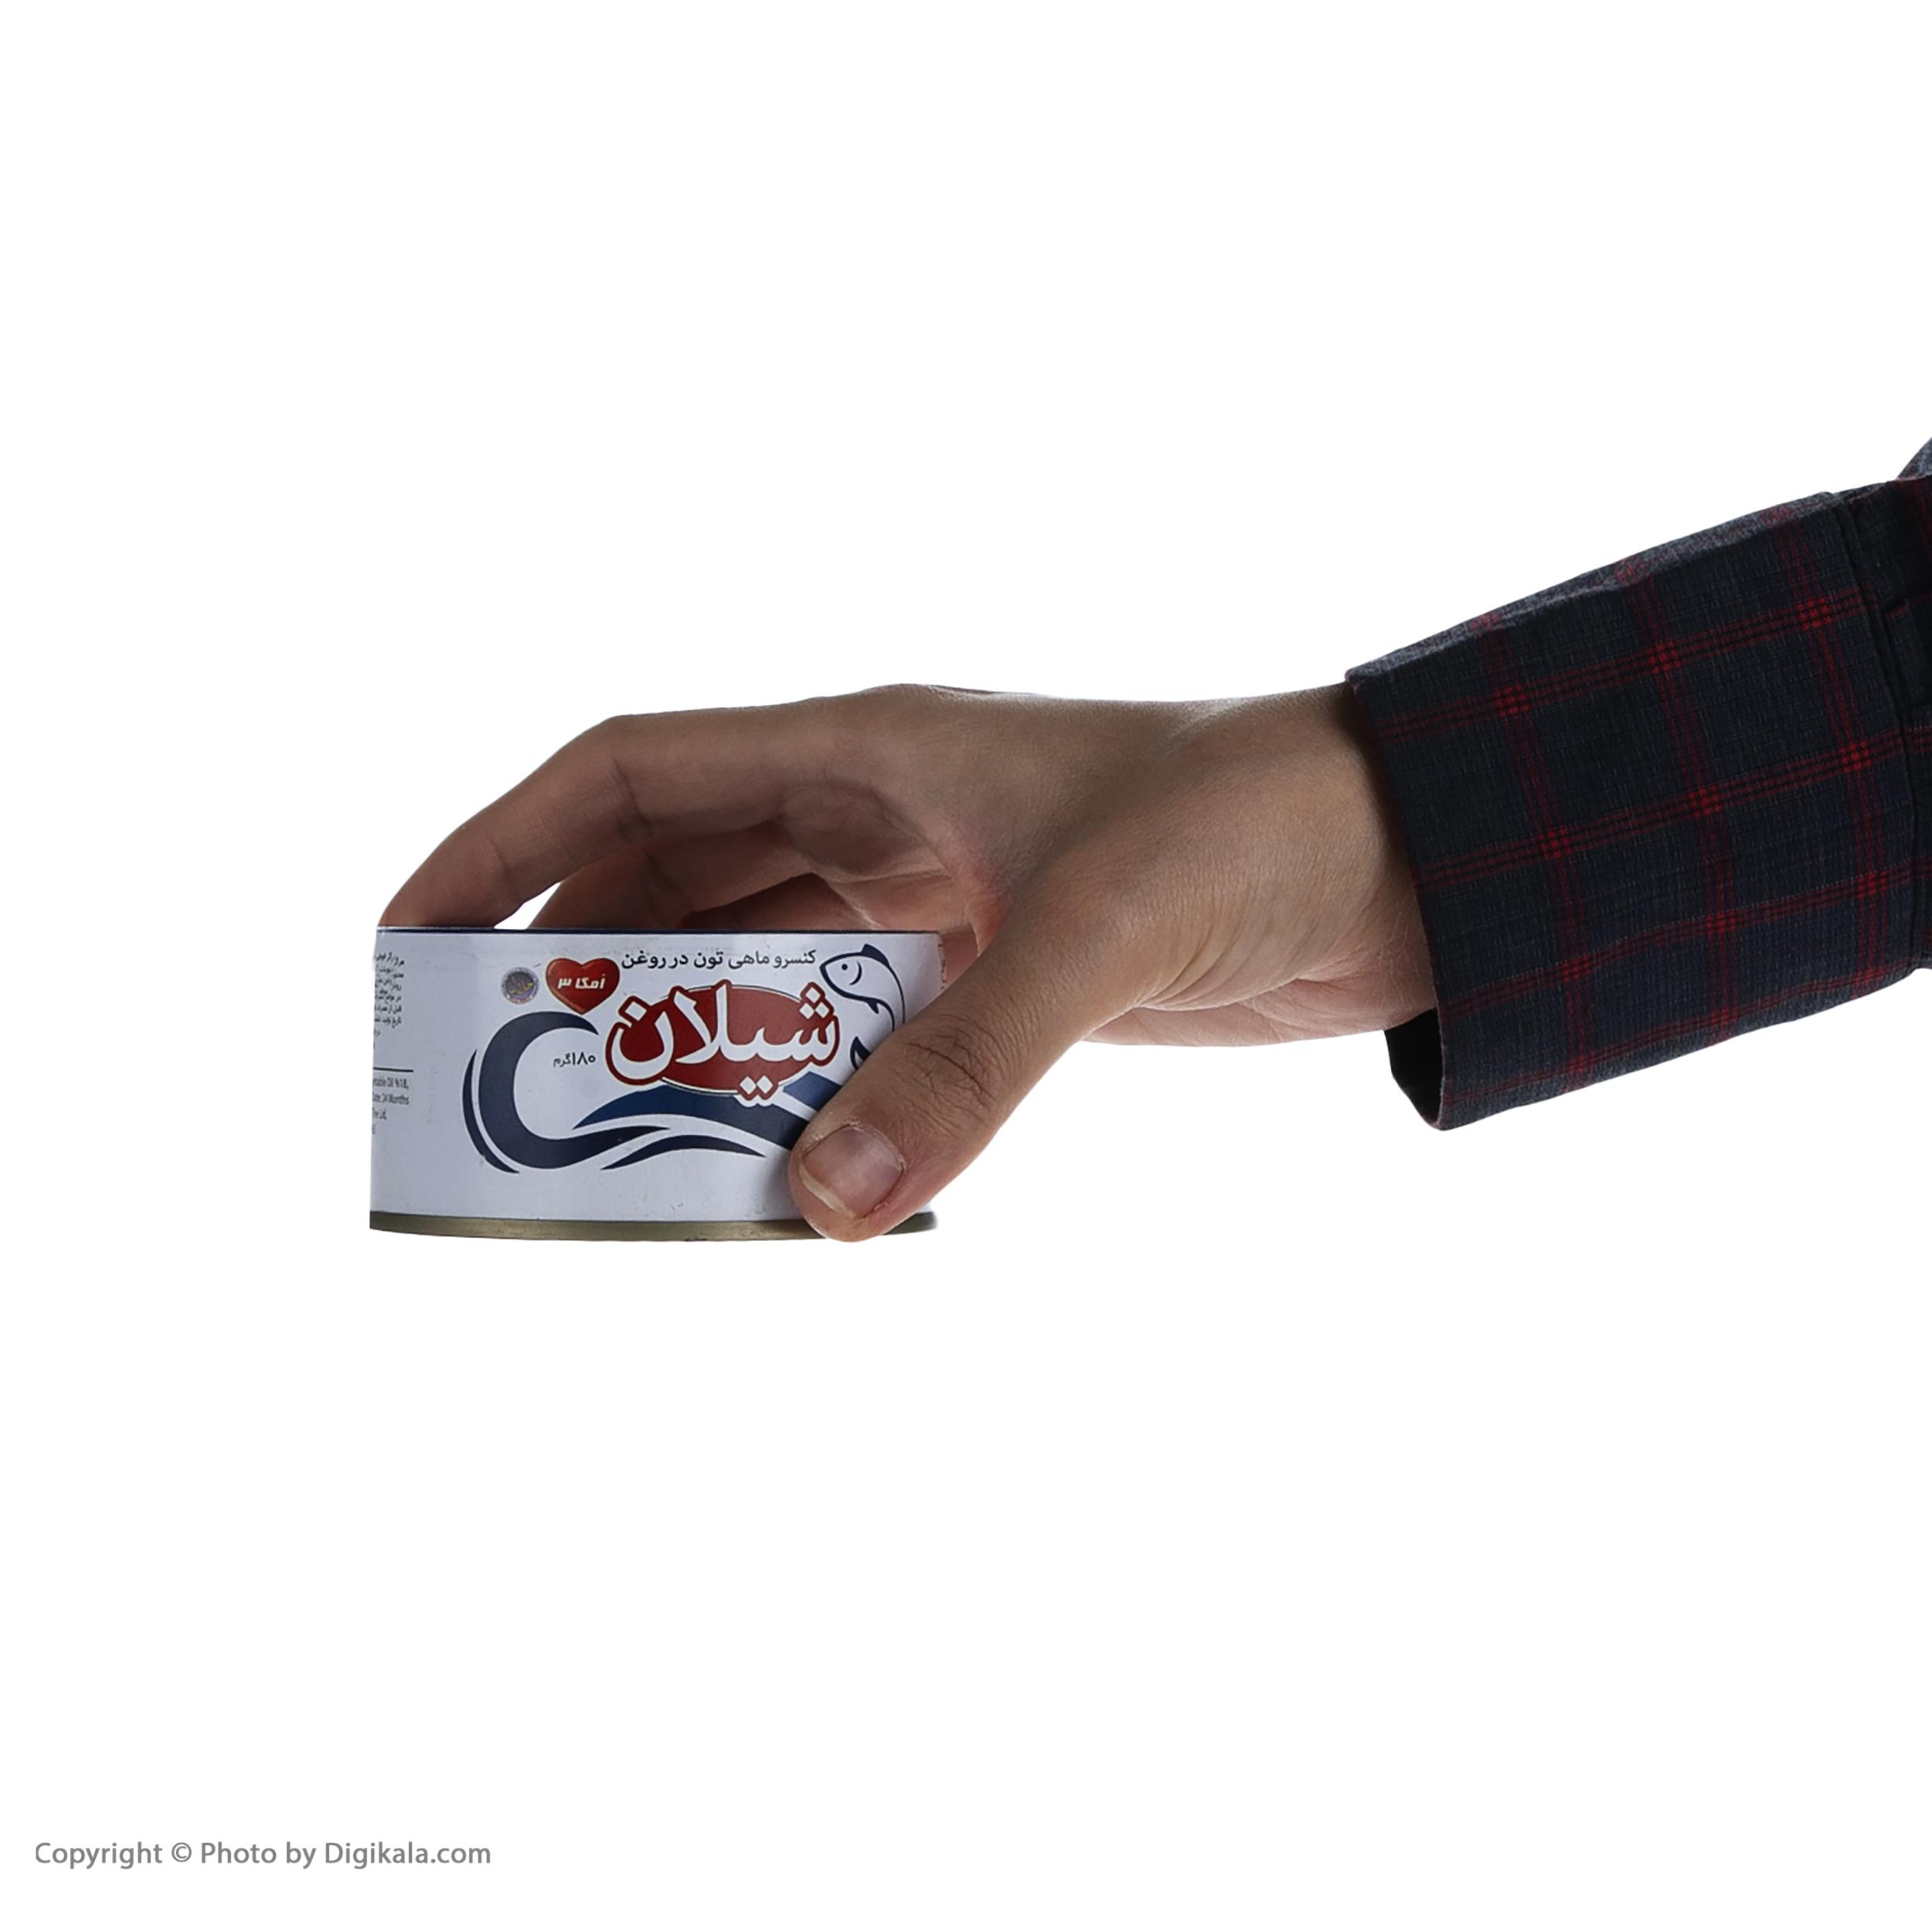 کنسرو ماهی تن در روغن شیلان - 180 گرم main 1 5